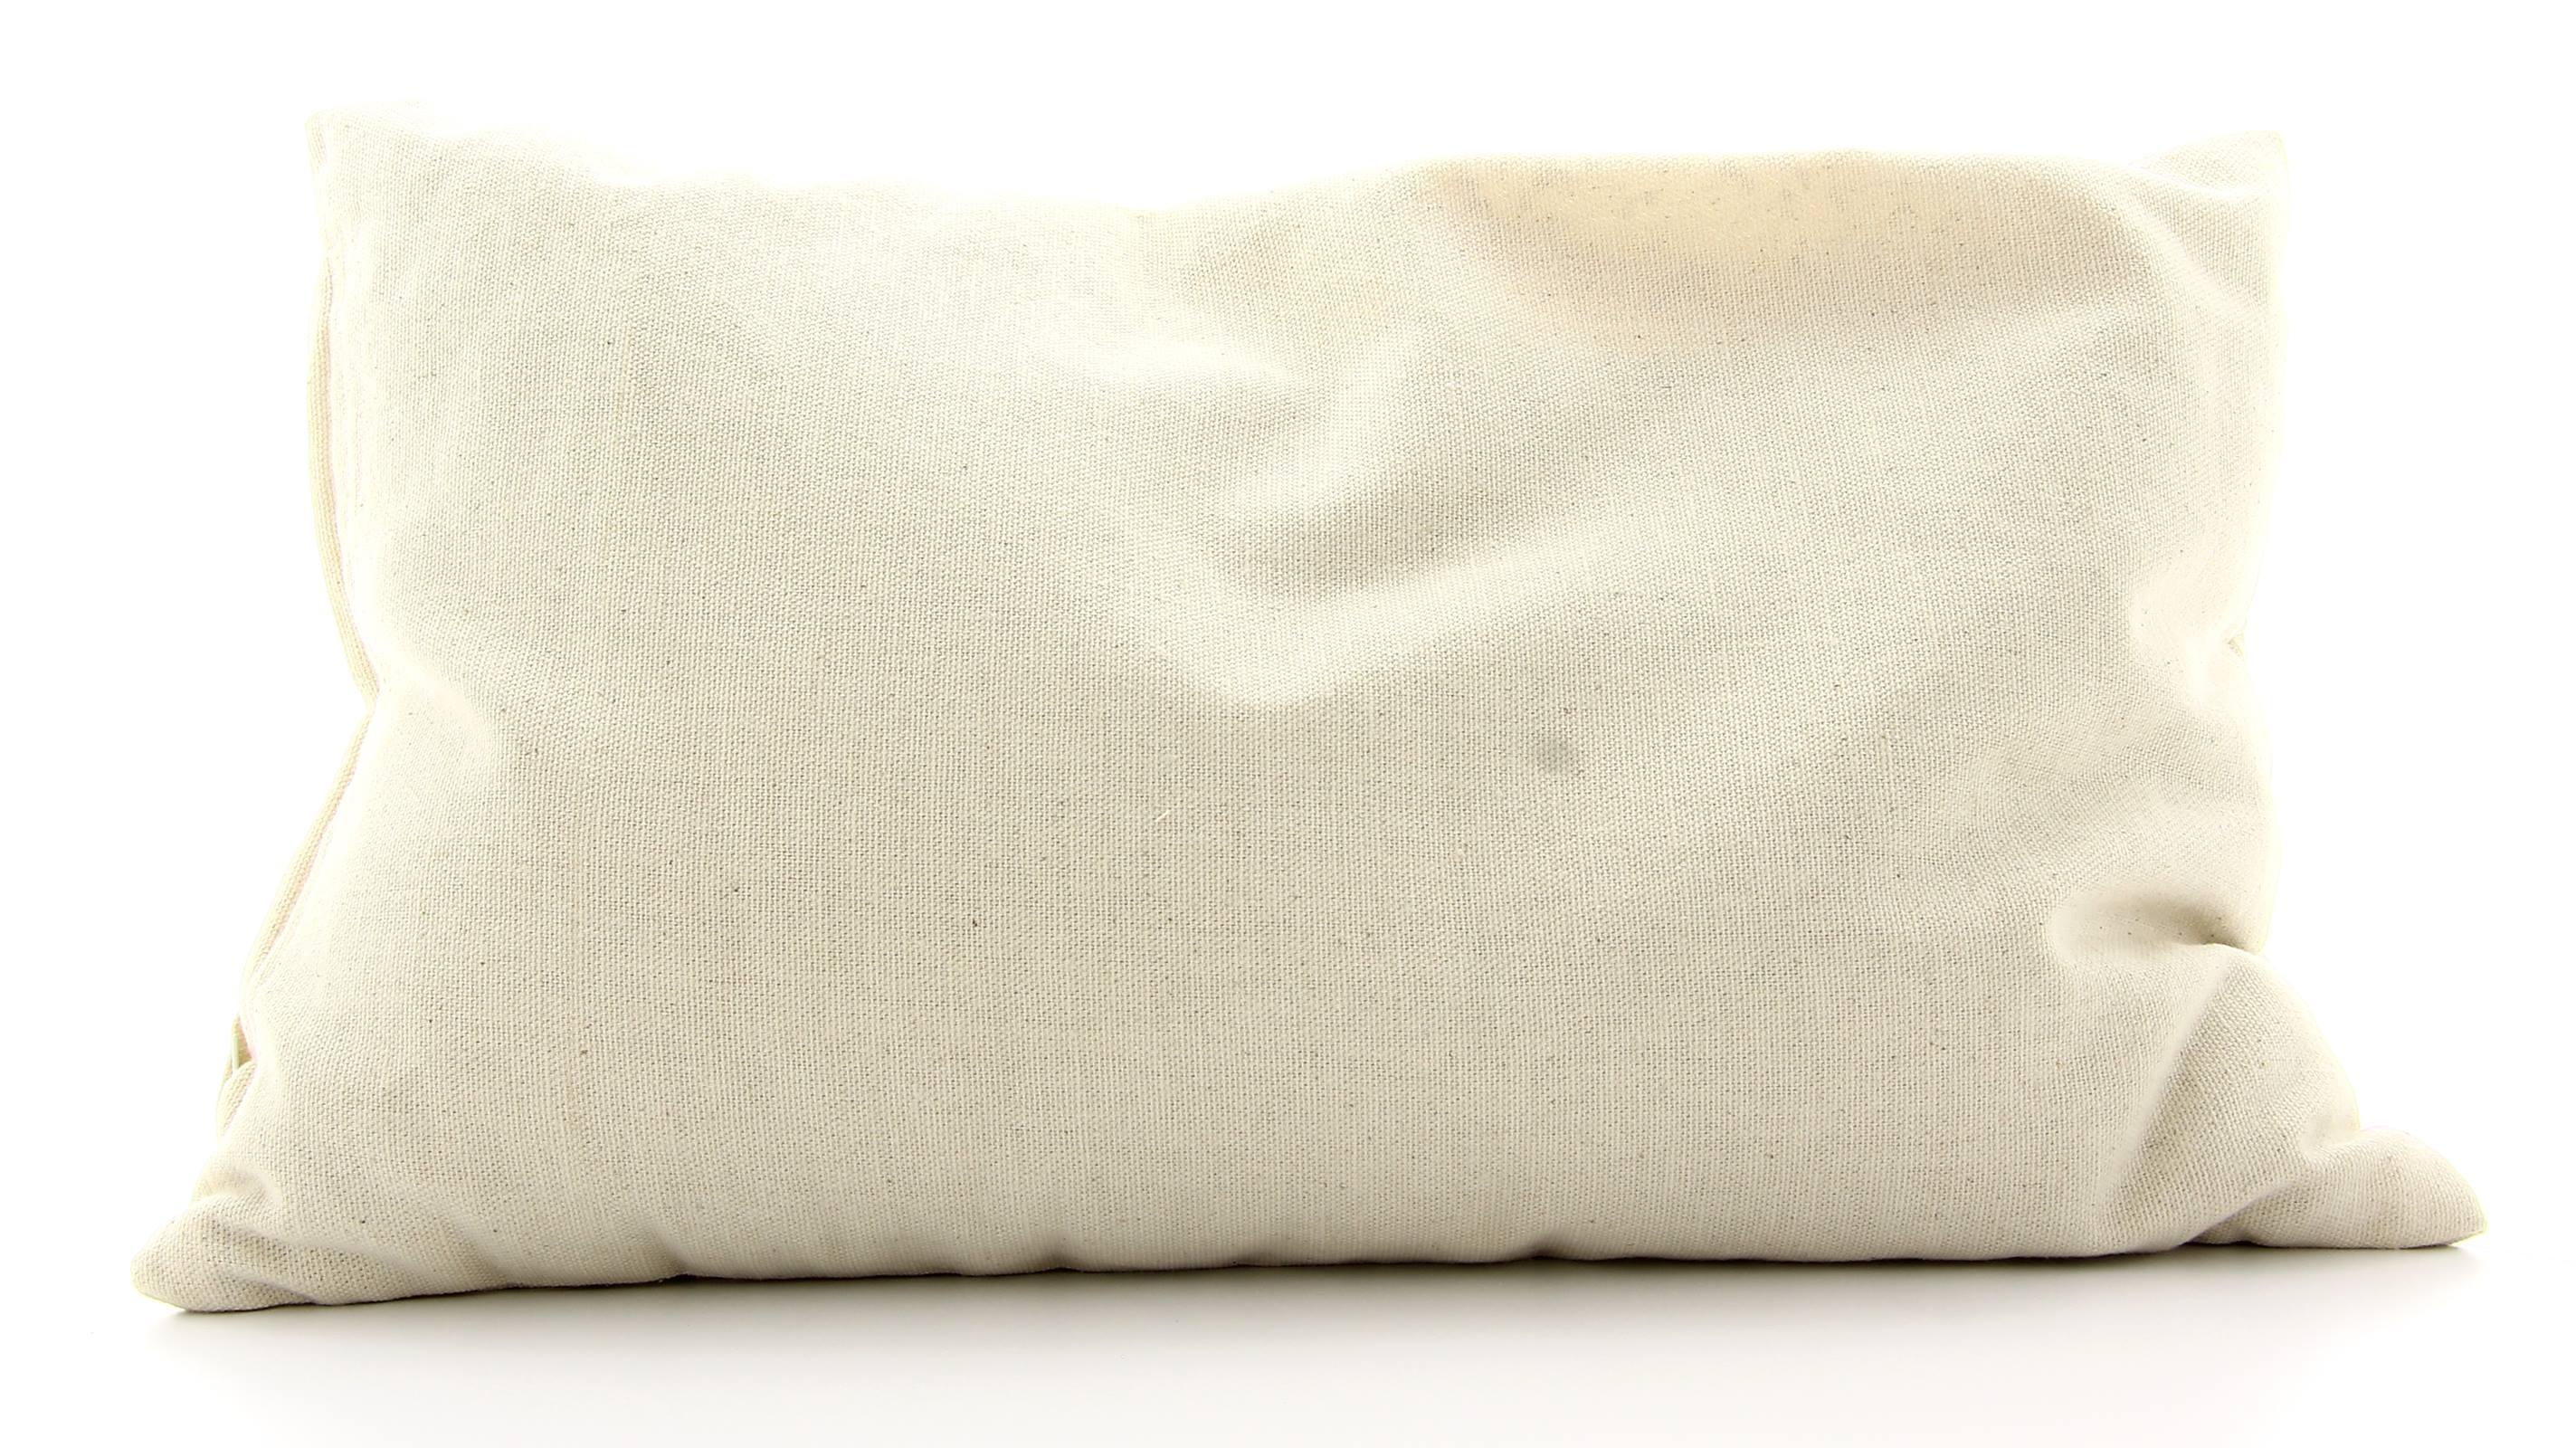 Cuscino Di Miglio Per Neonati.Cuscino Al Miglio 25x40